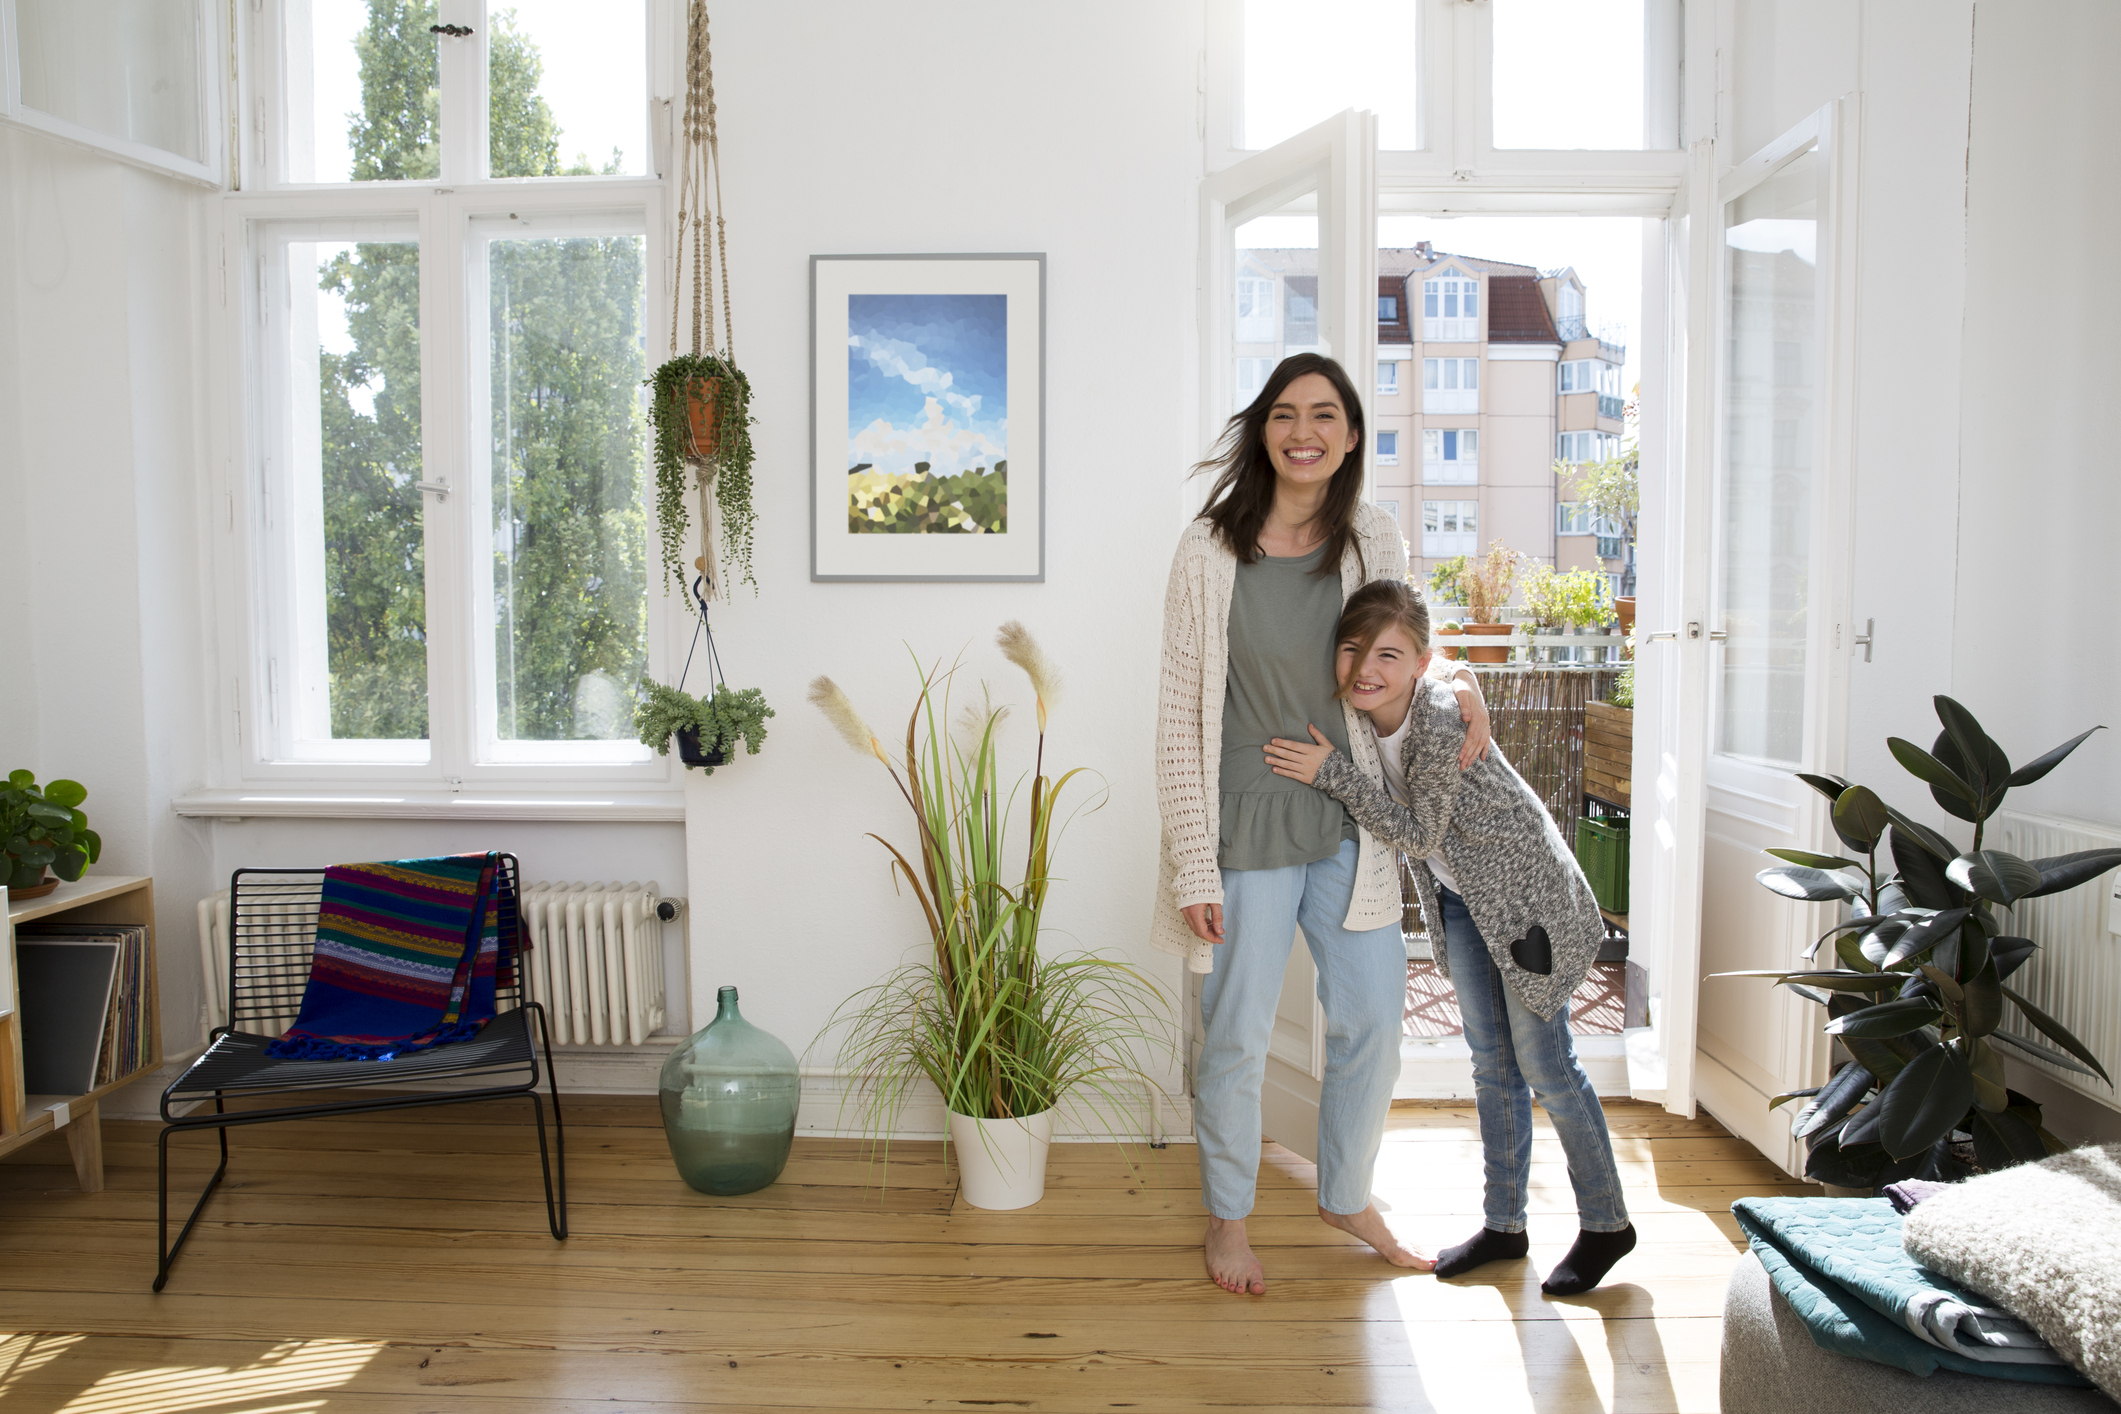 d 39 apr s le minist re du logement les aides la r novation nerg tique sont incitatives loris. Black Bedroom Furniture Sets. Home Design Ideas